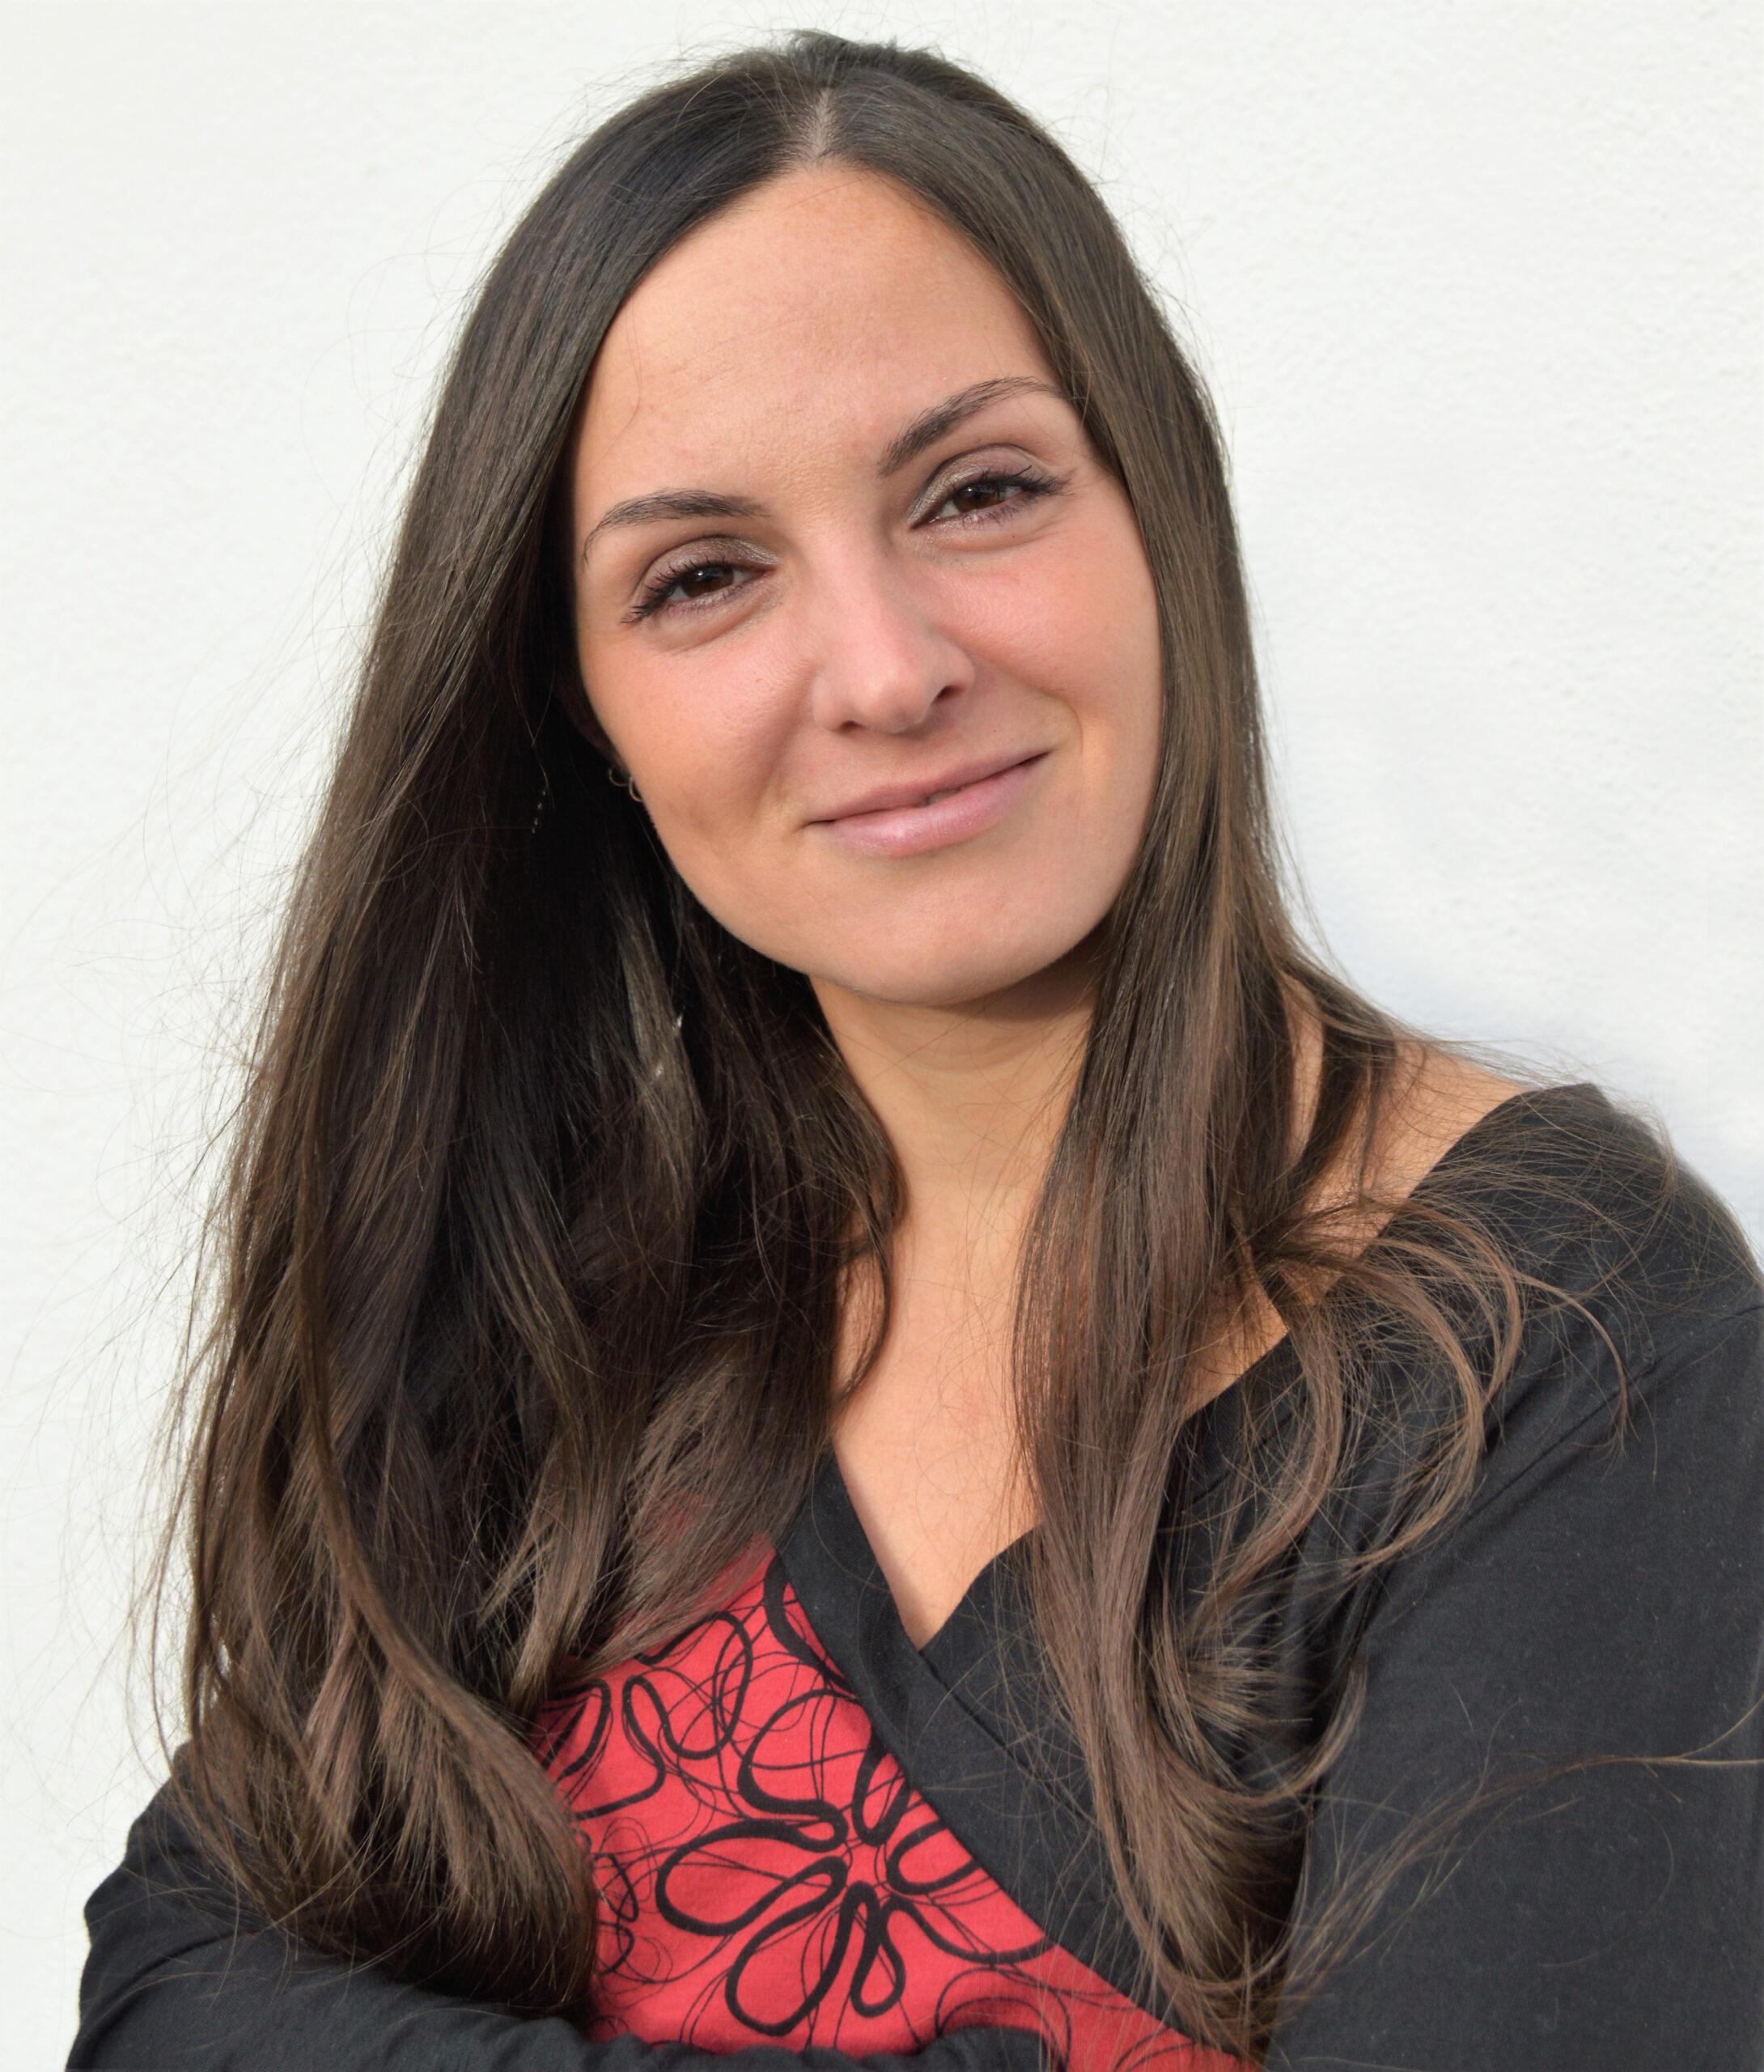 Psicologa e Psicoterapeuta Perugia | Marina di Marco